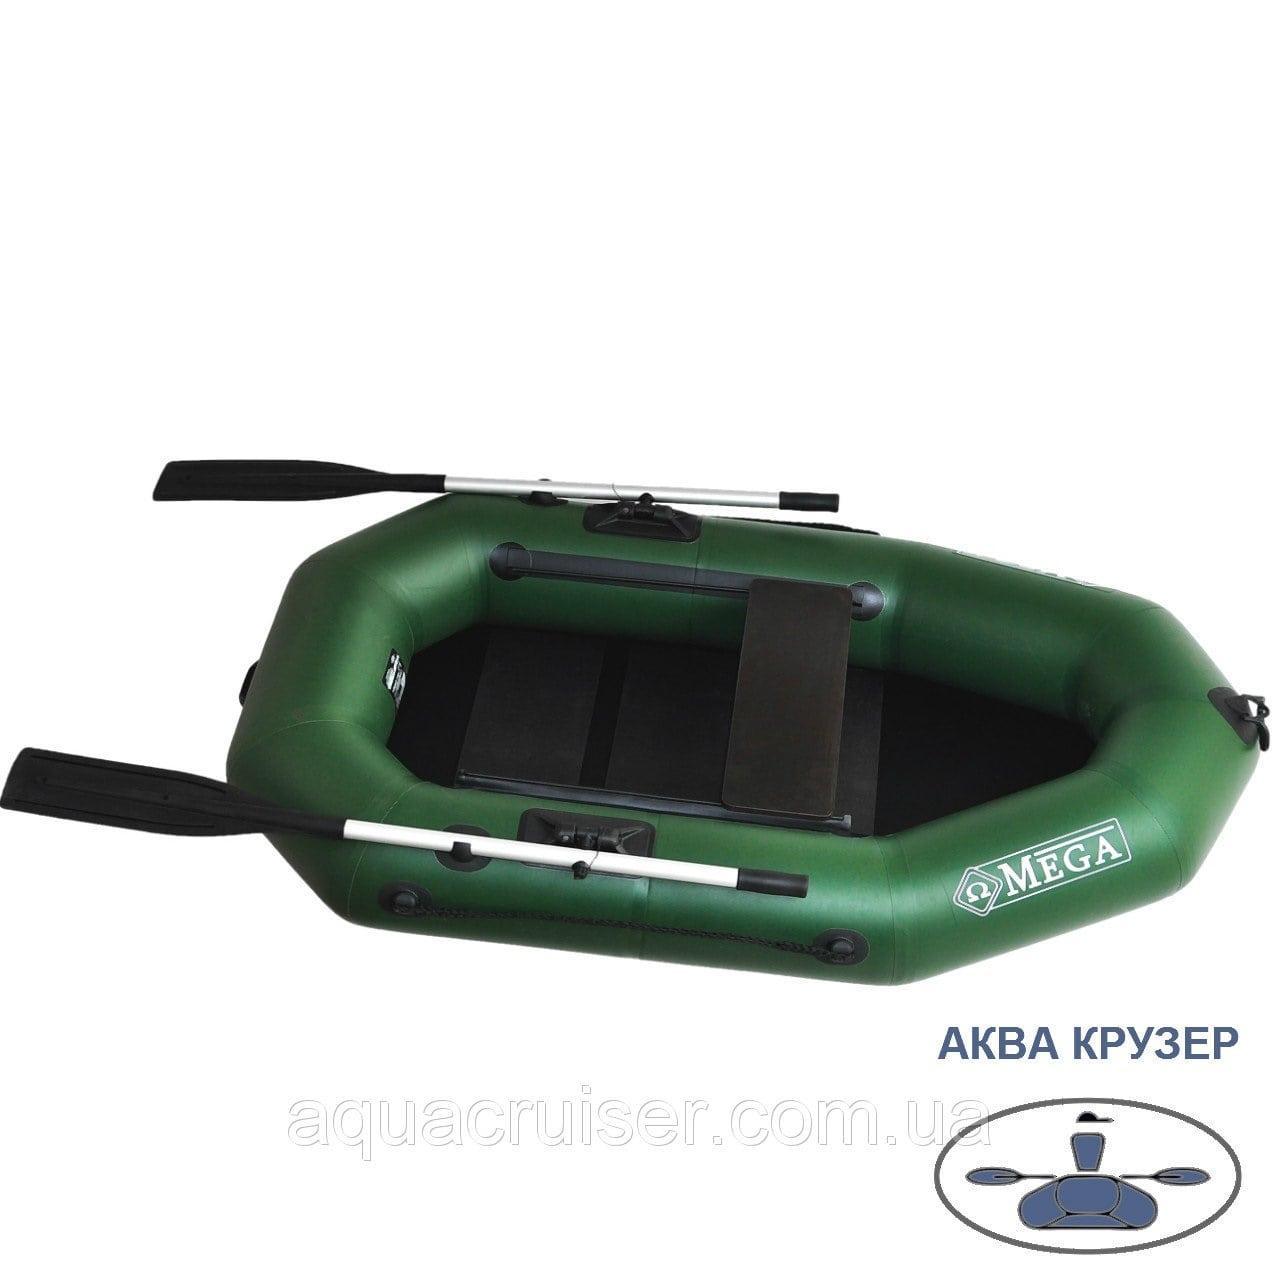 Надувний човен пвх Omega Ω 210 LS (PS) - одномісна гребний човен для риболовлі, полювання і відпочинку